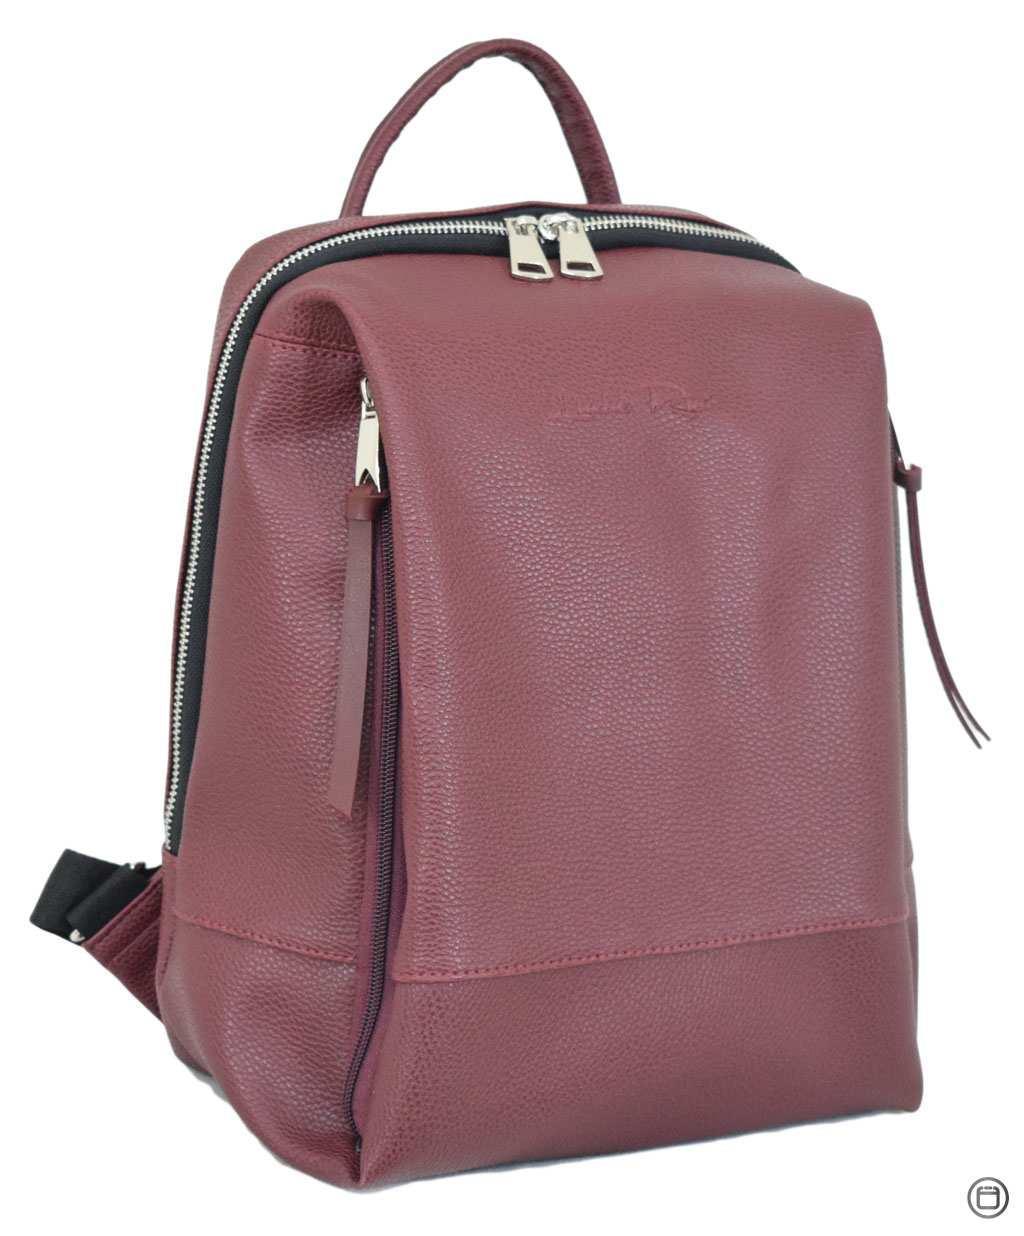 Женский рюкзак Case 606 бордо